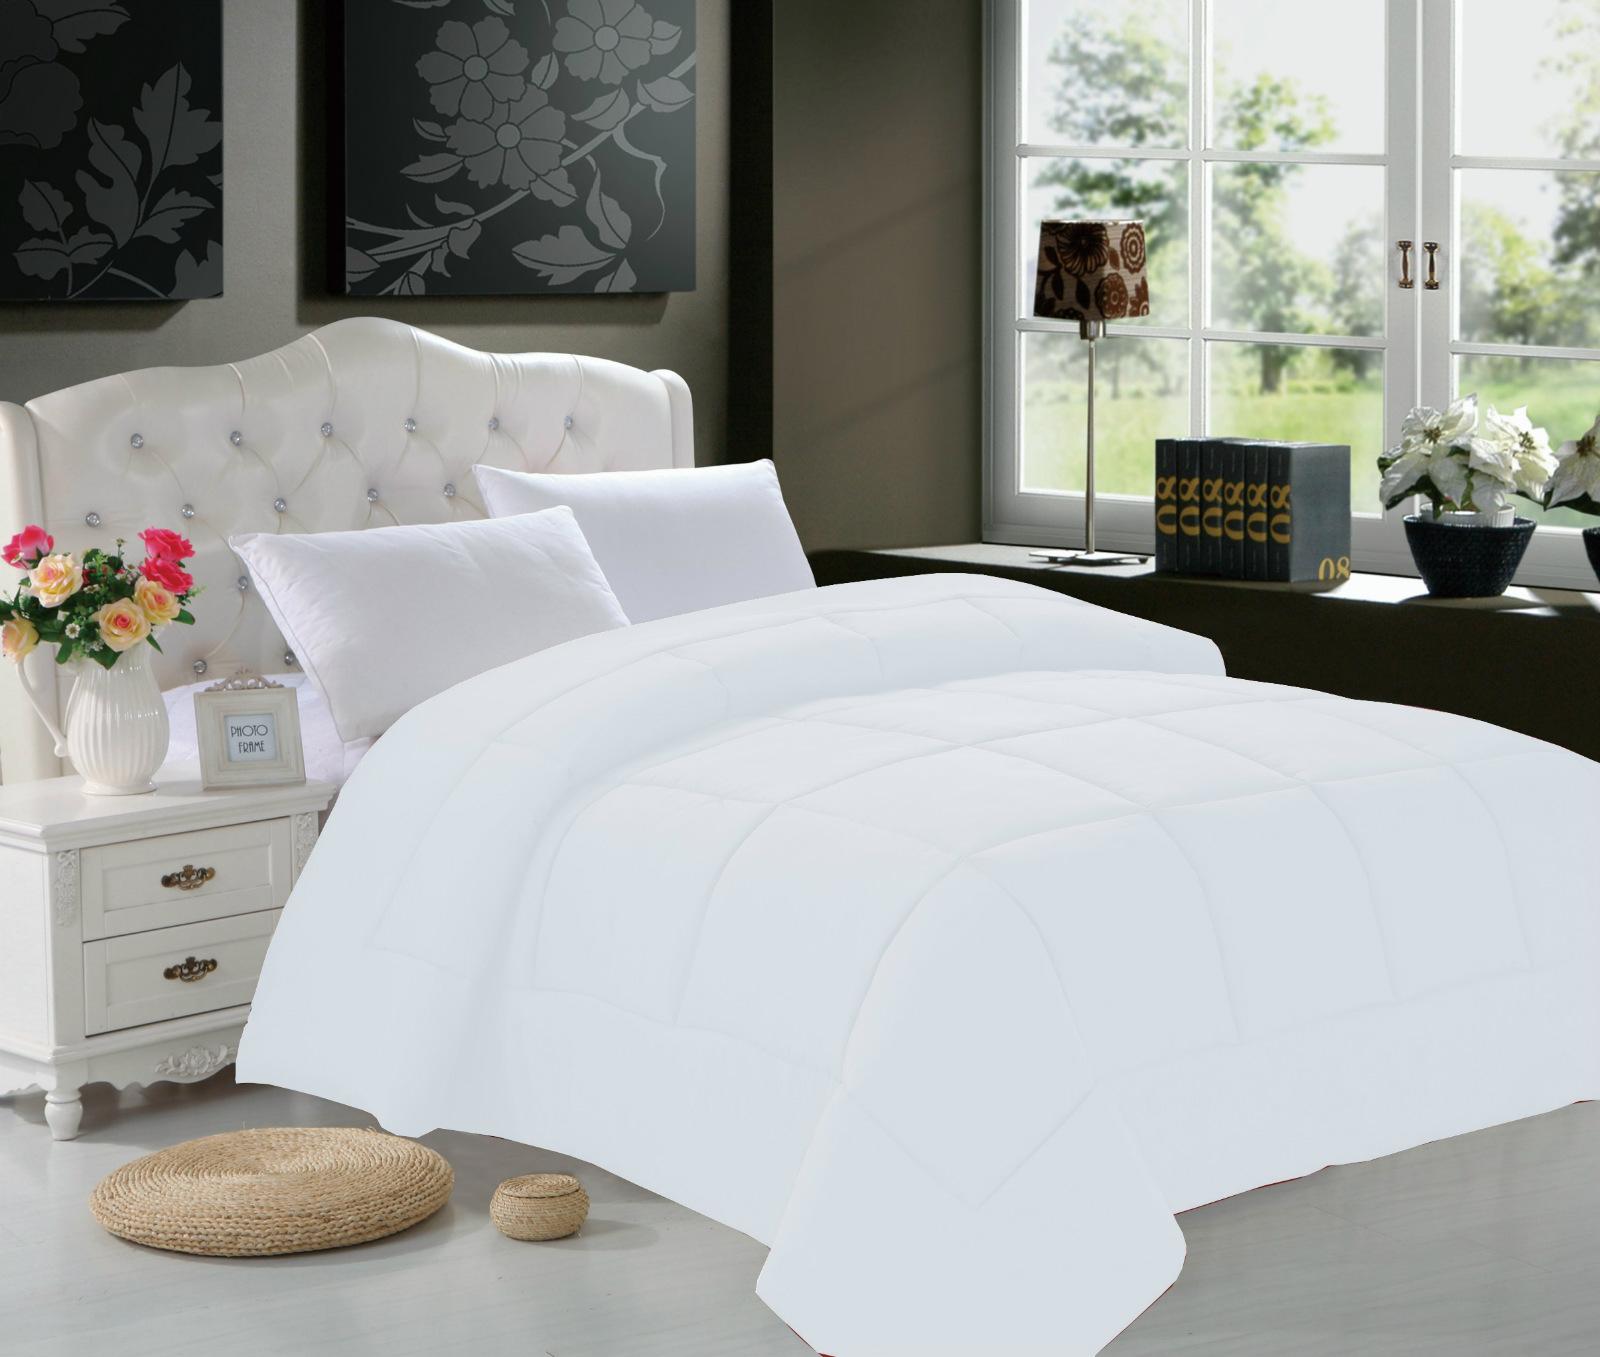 Elegant Comfort® White Down Alternative Comforter